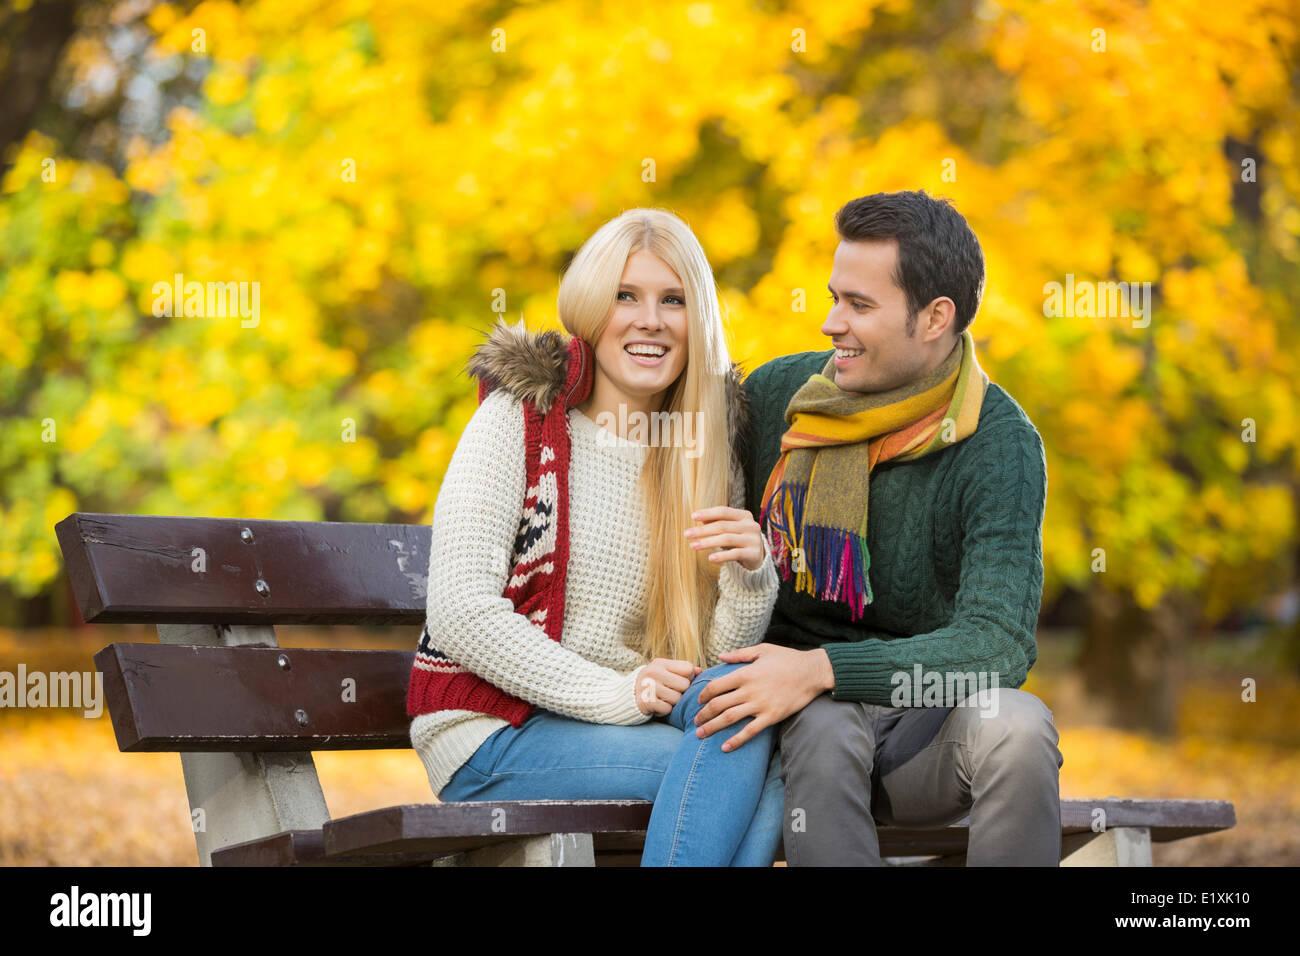 Joven pareja sentada en un banco del parque durante el otoño Foto de stock